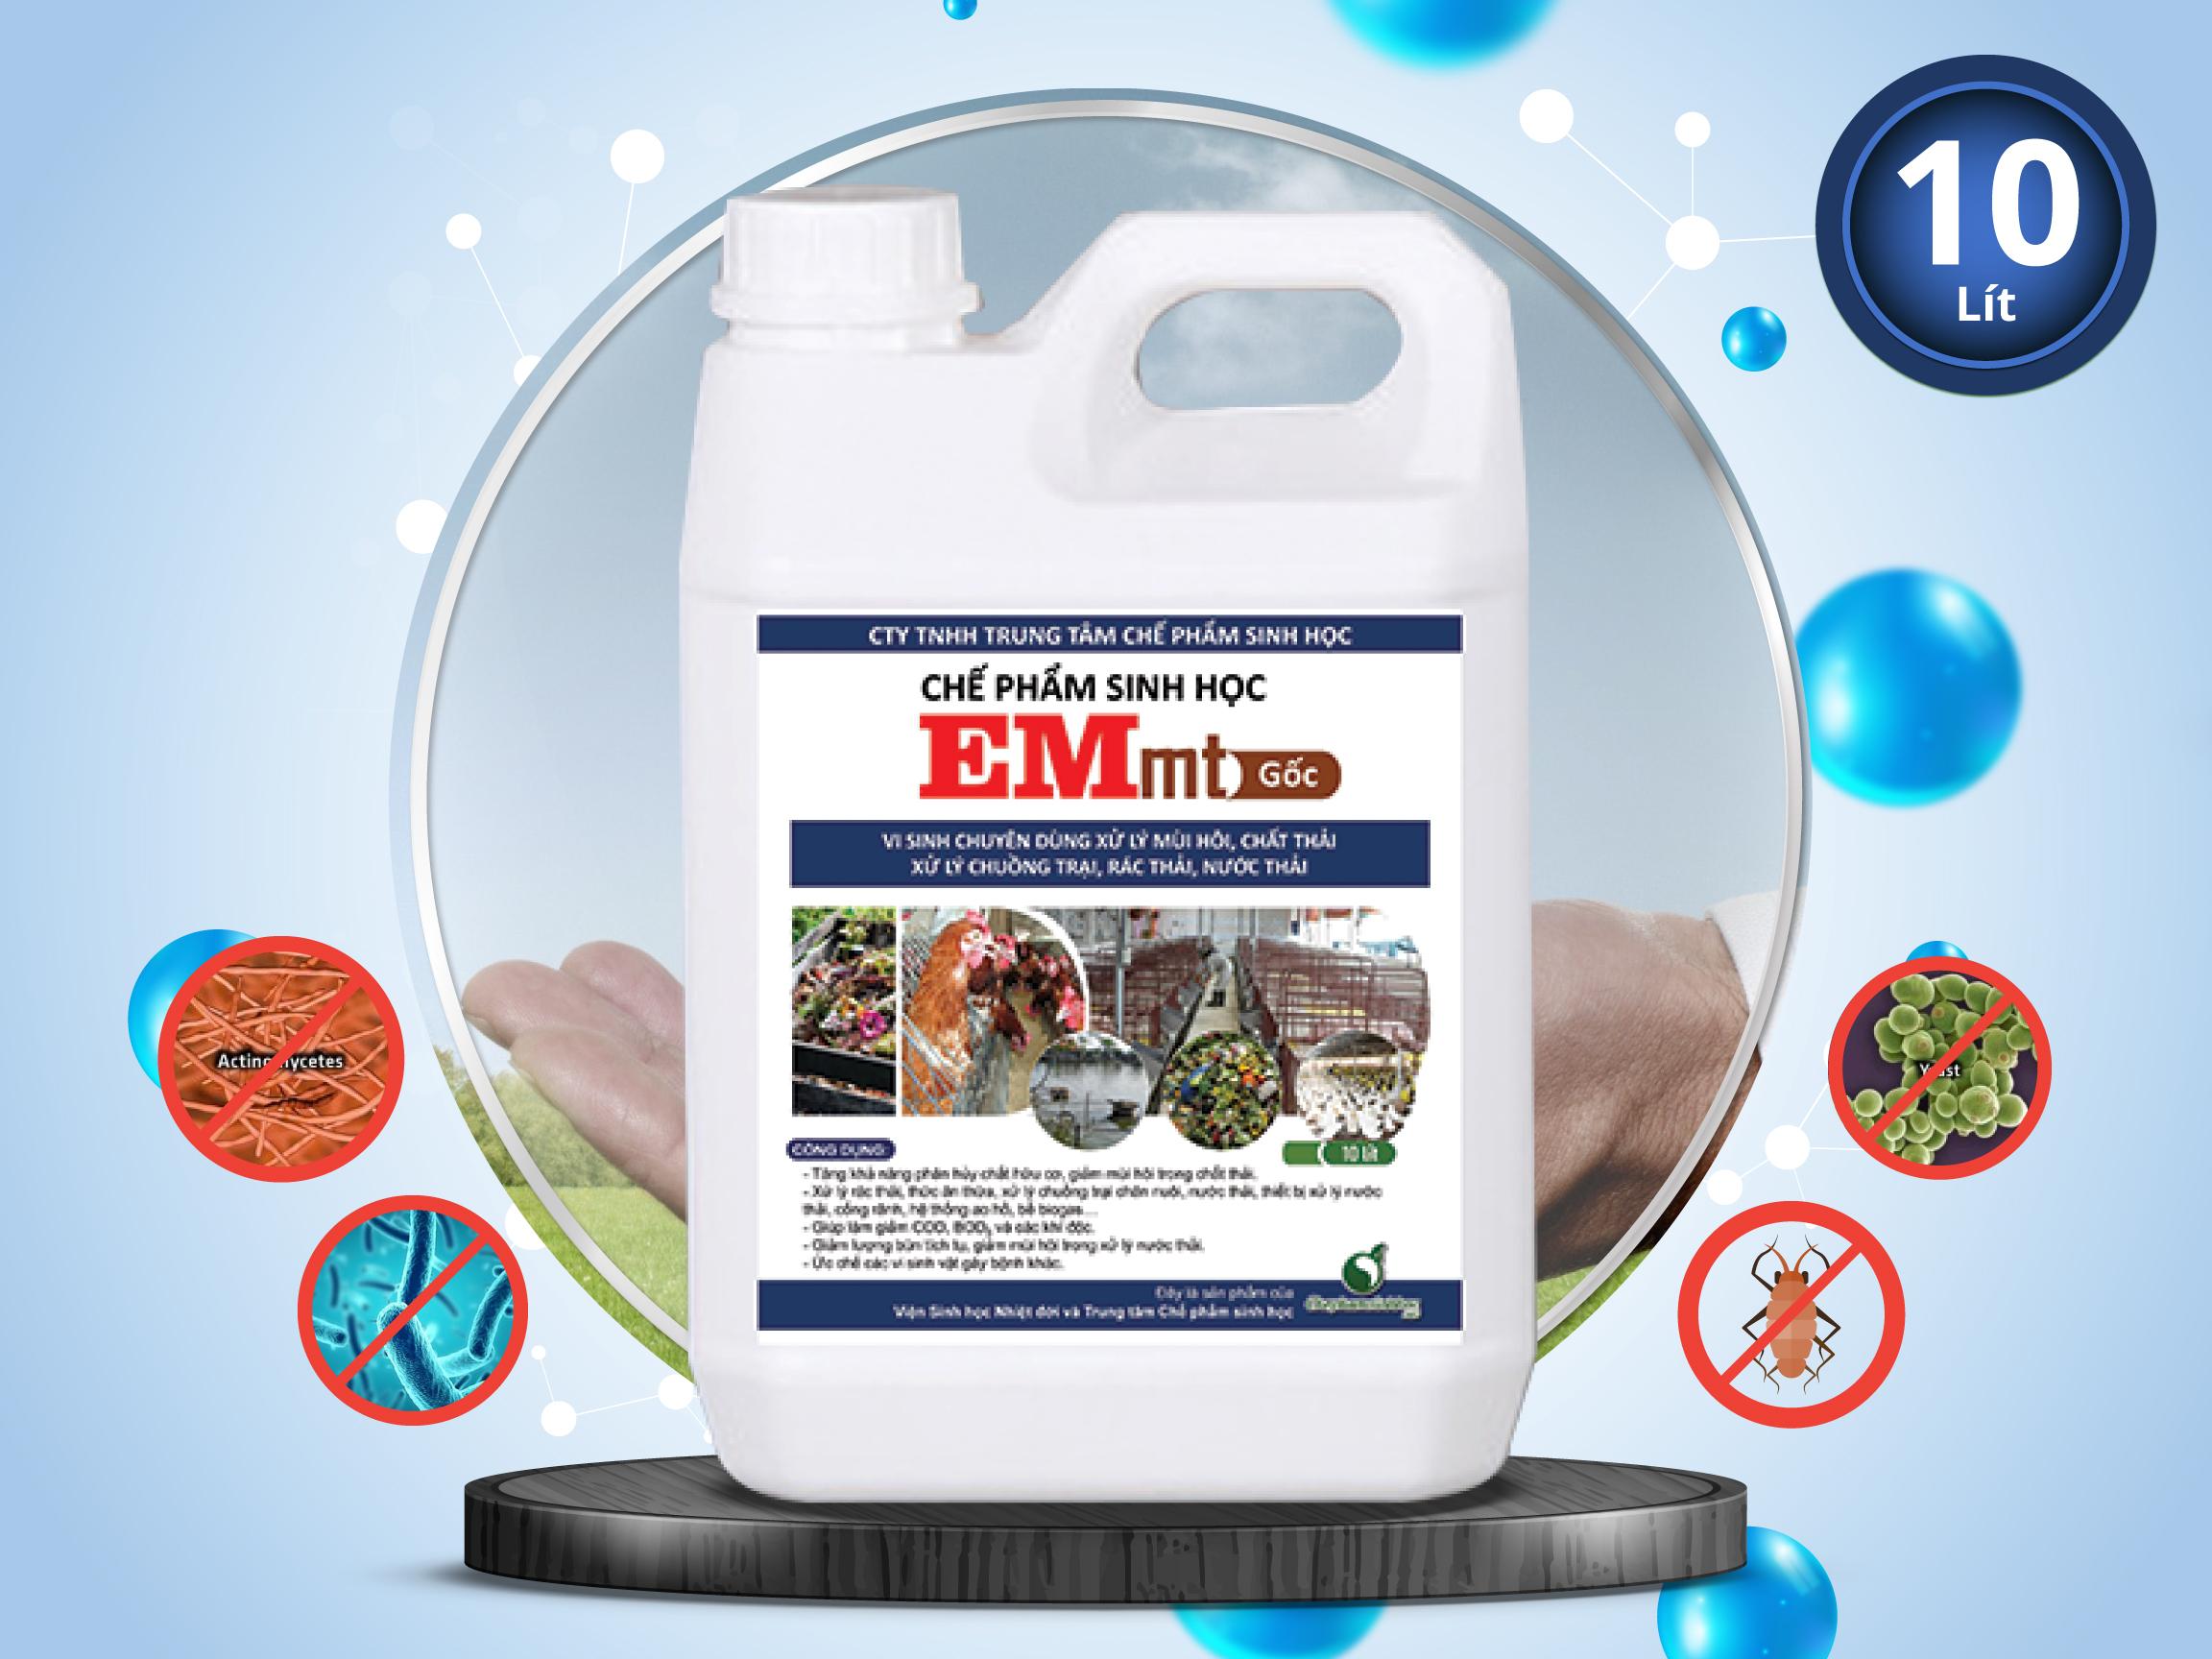 Chế phẩm EM gốc (VEM gốc) - Xử lý Môi trường (EMmt 10 lít)